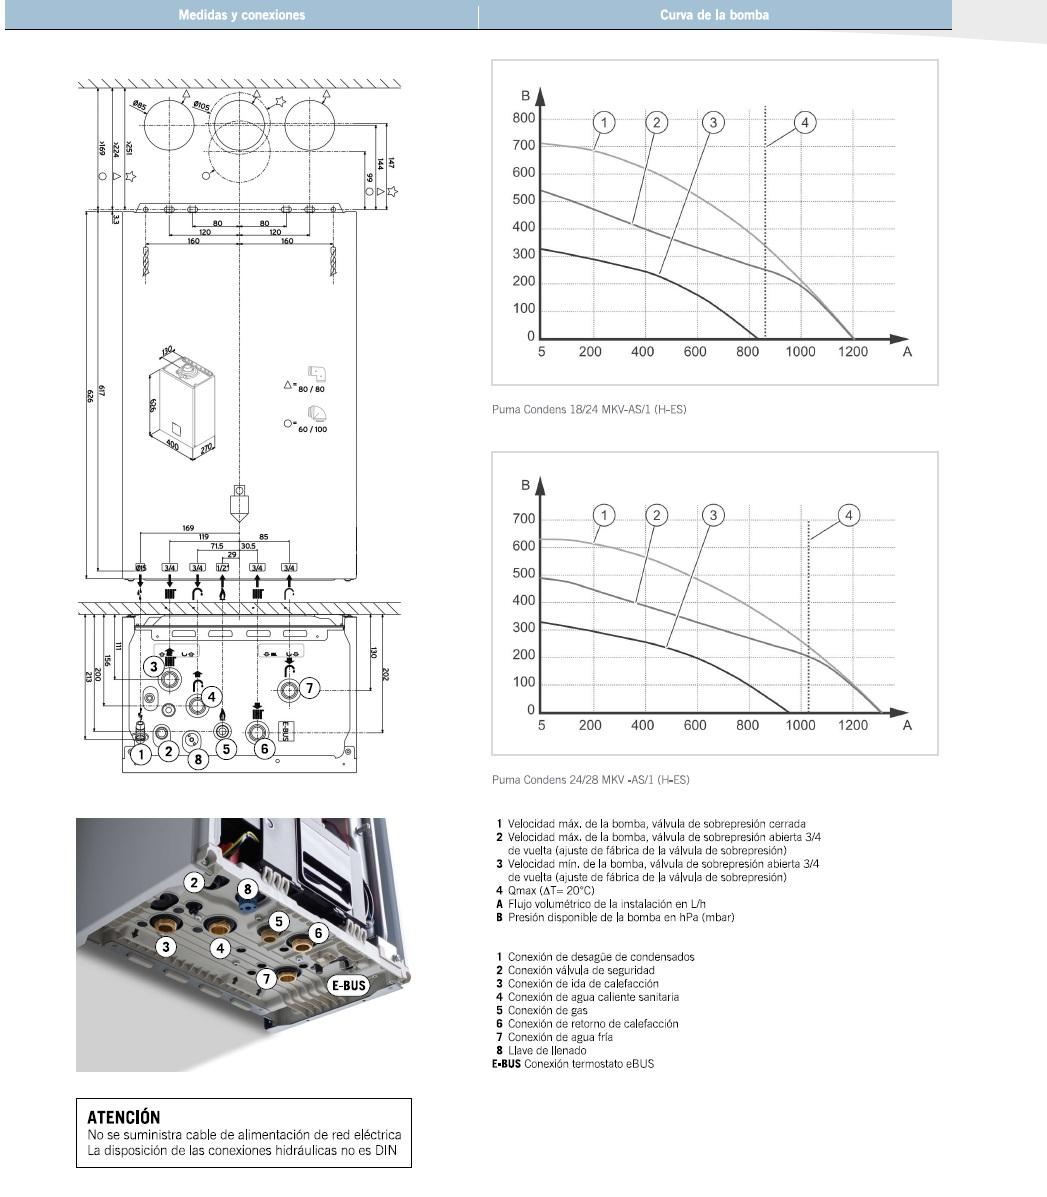 Medidas y curvas de la Caldera puma condens Protherm